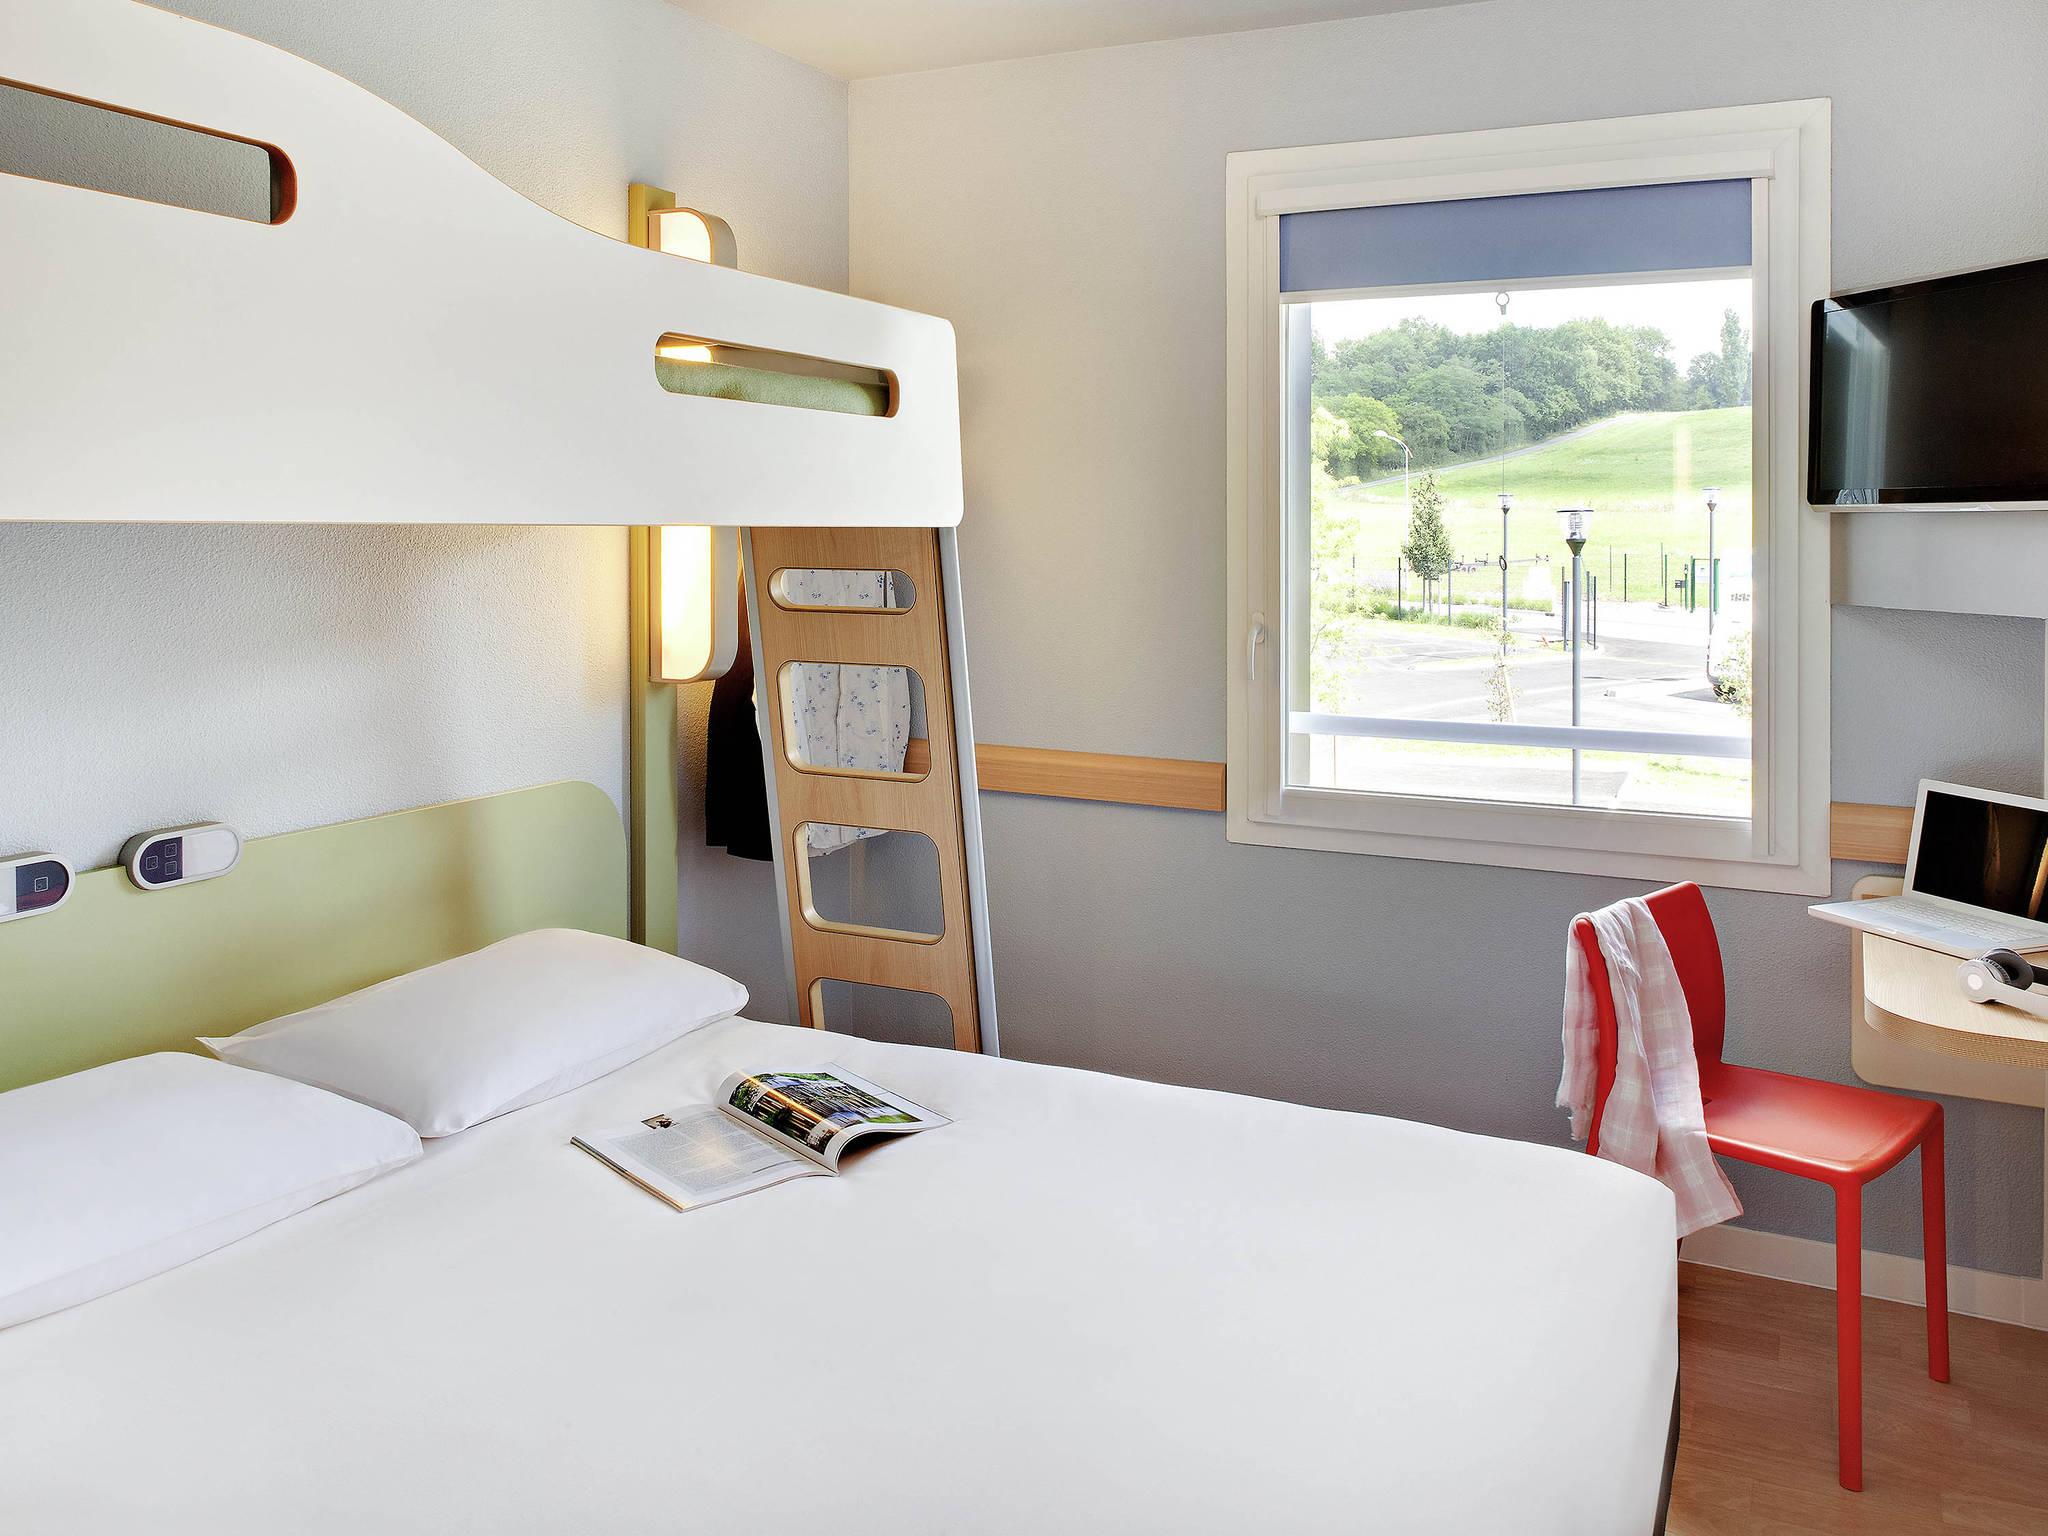 Cool chambres ibis budget saint pourcain sur sioule with for Ibis budget douche dans la chambre